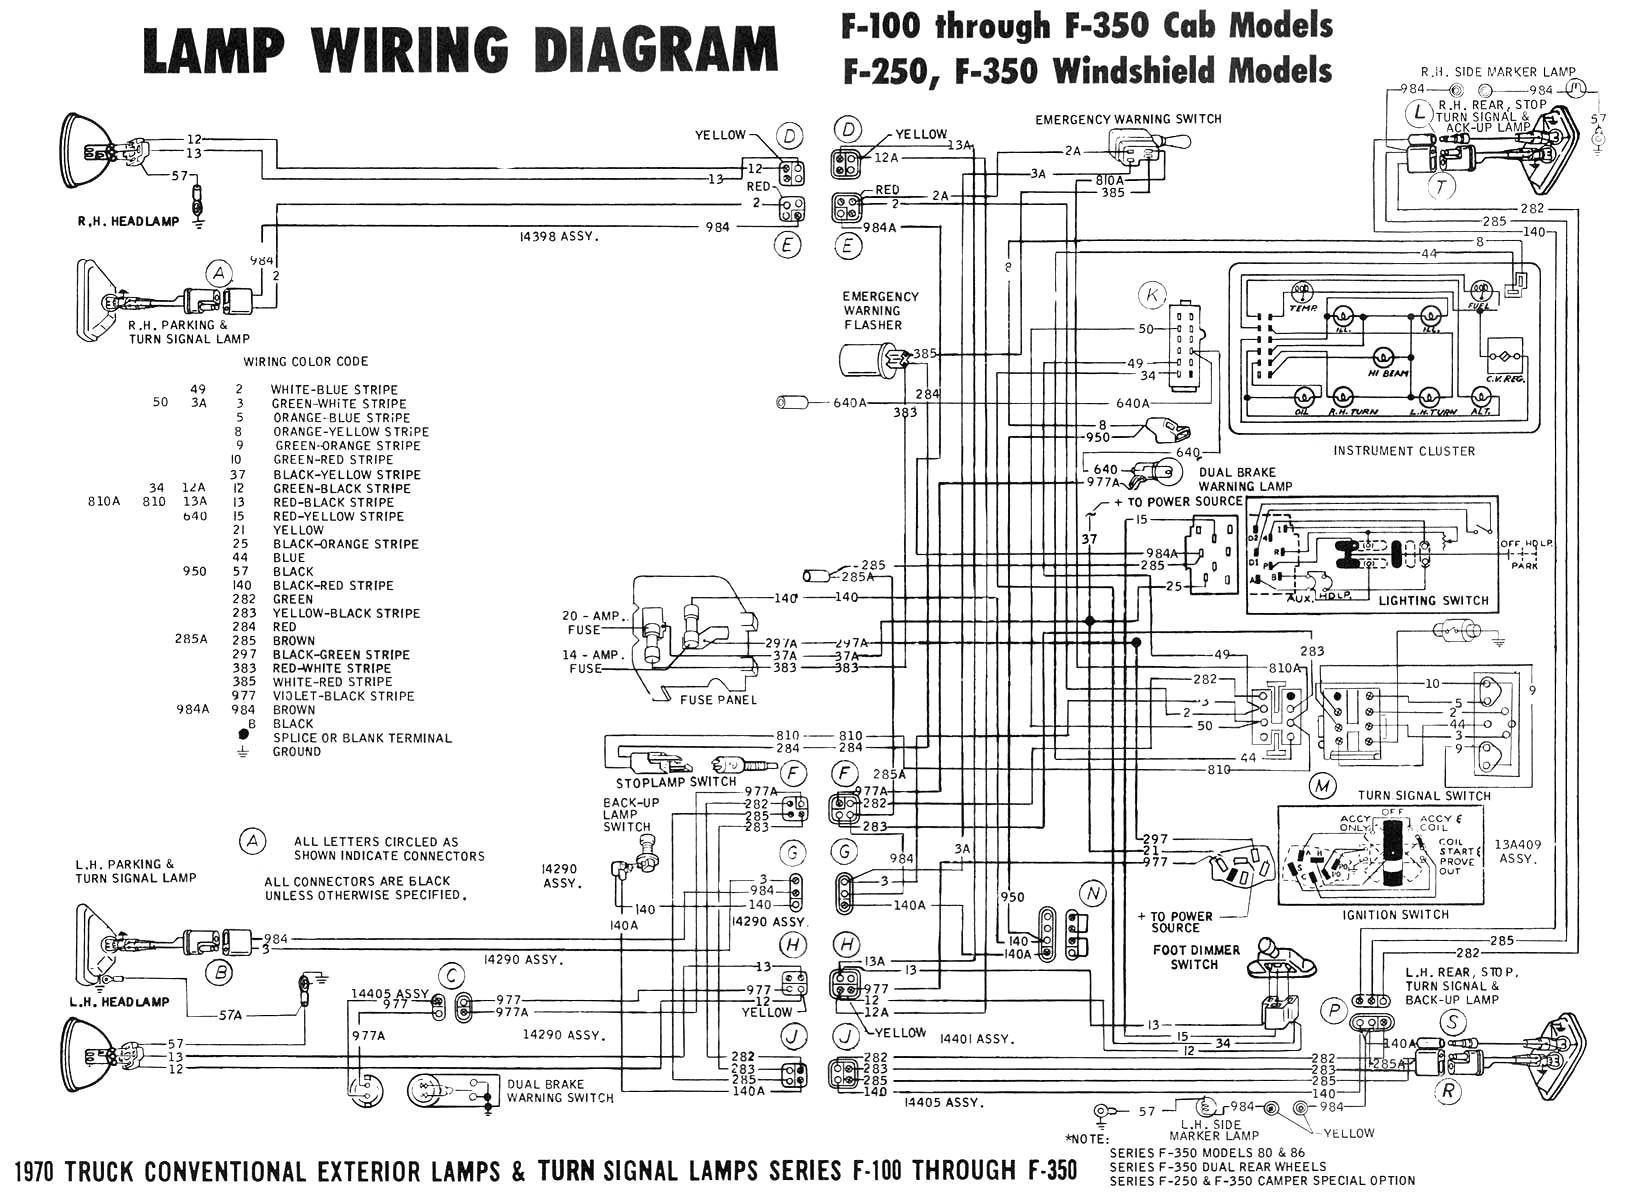 audi q7 navigation wiring wiring diagram name audi q7 bose amplifier wiring diagram audi q7 navigation